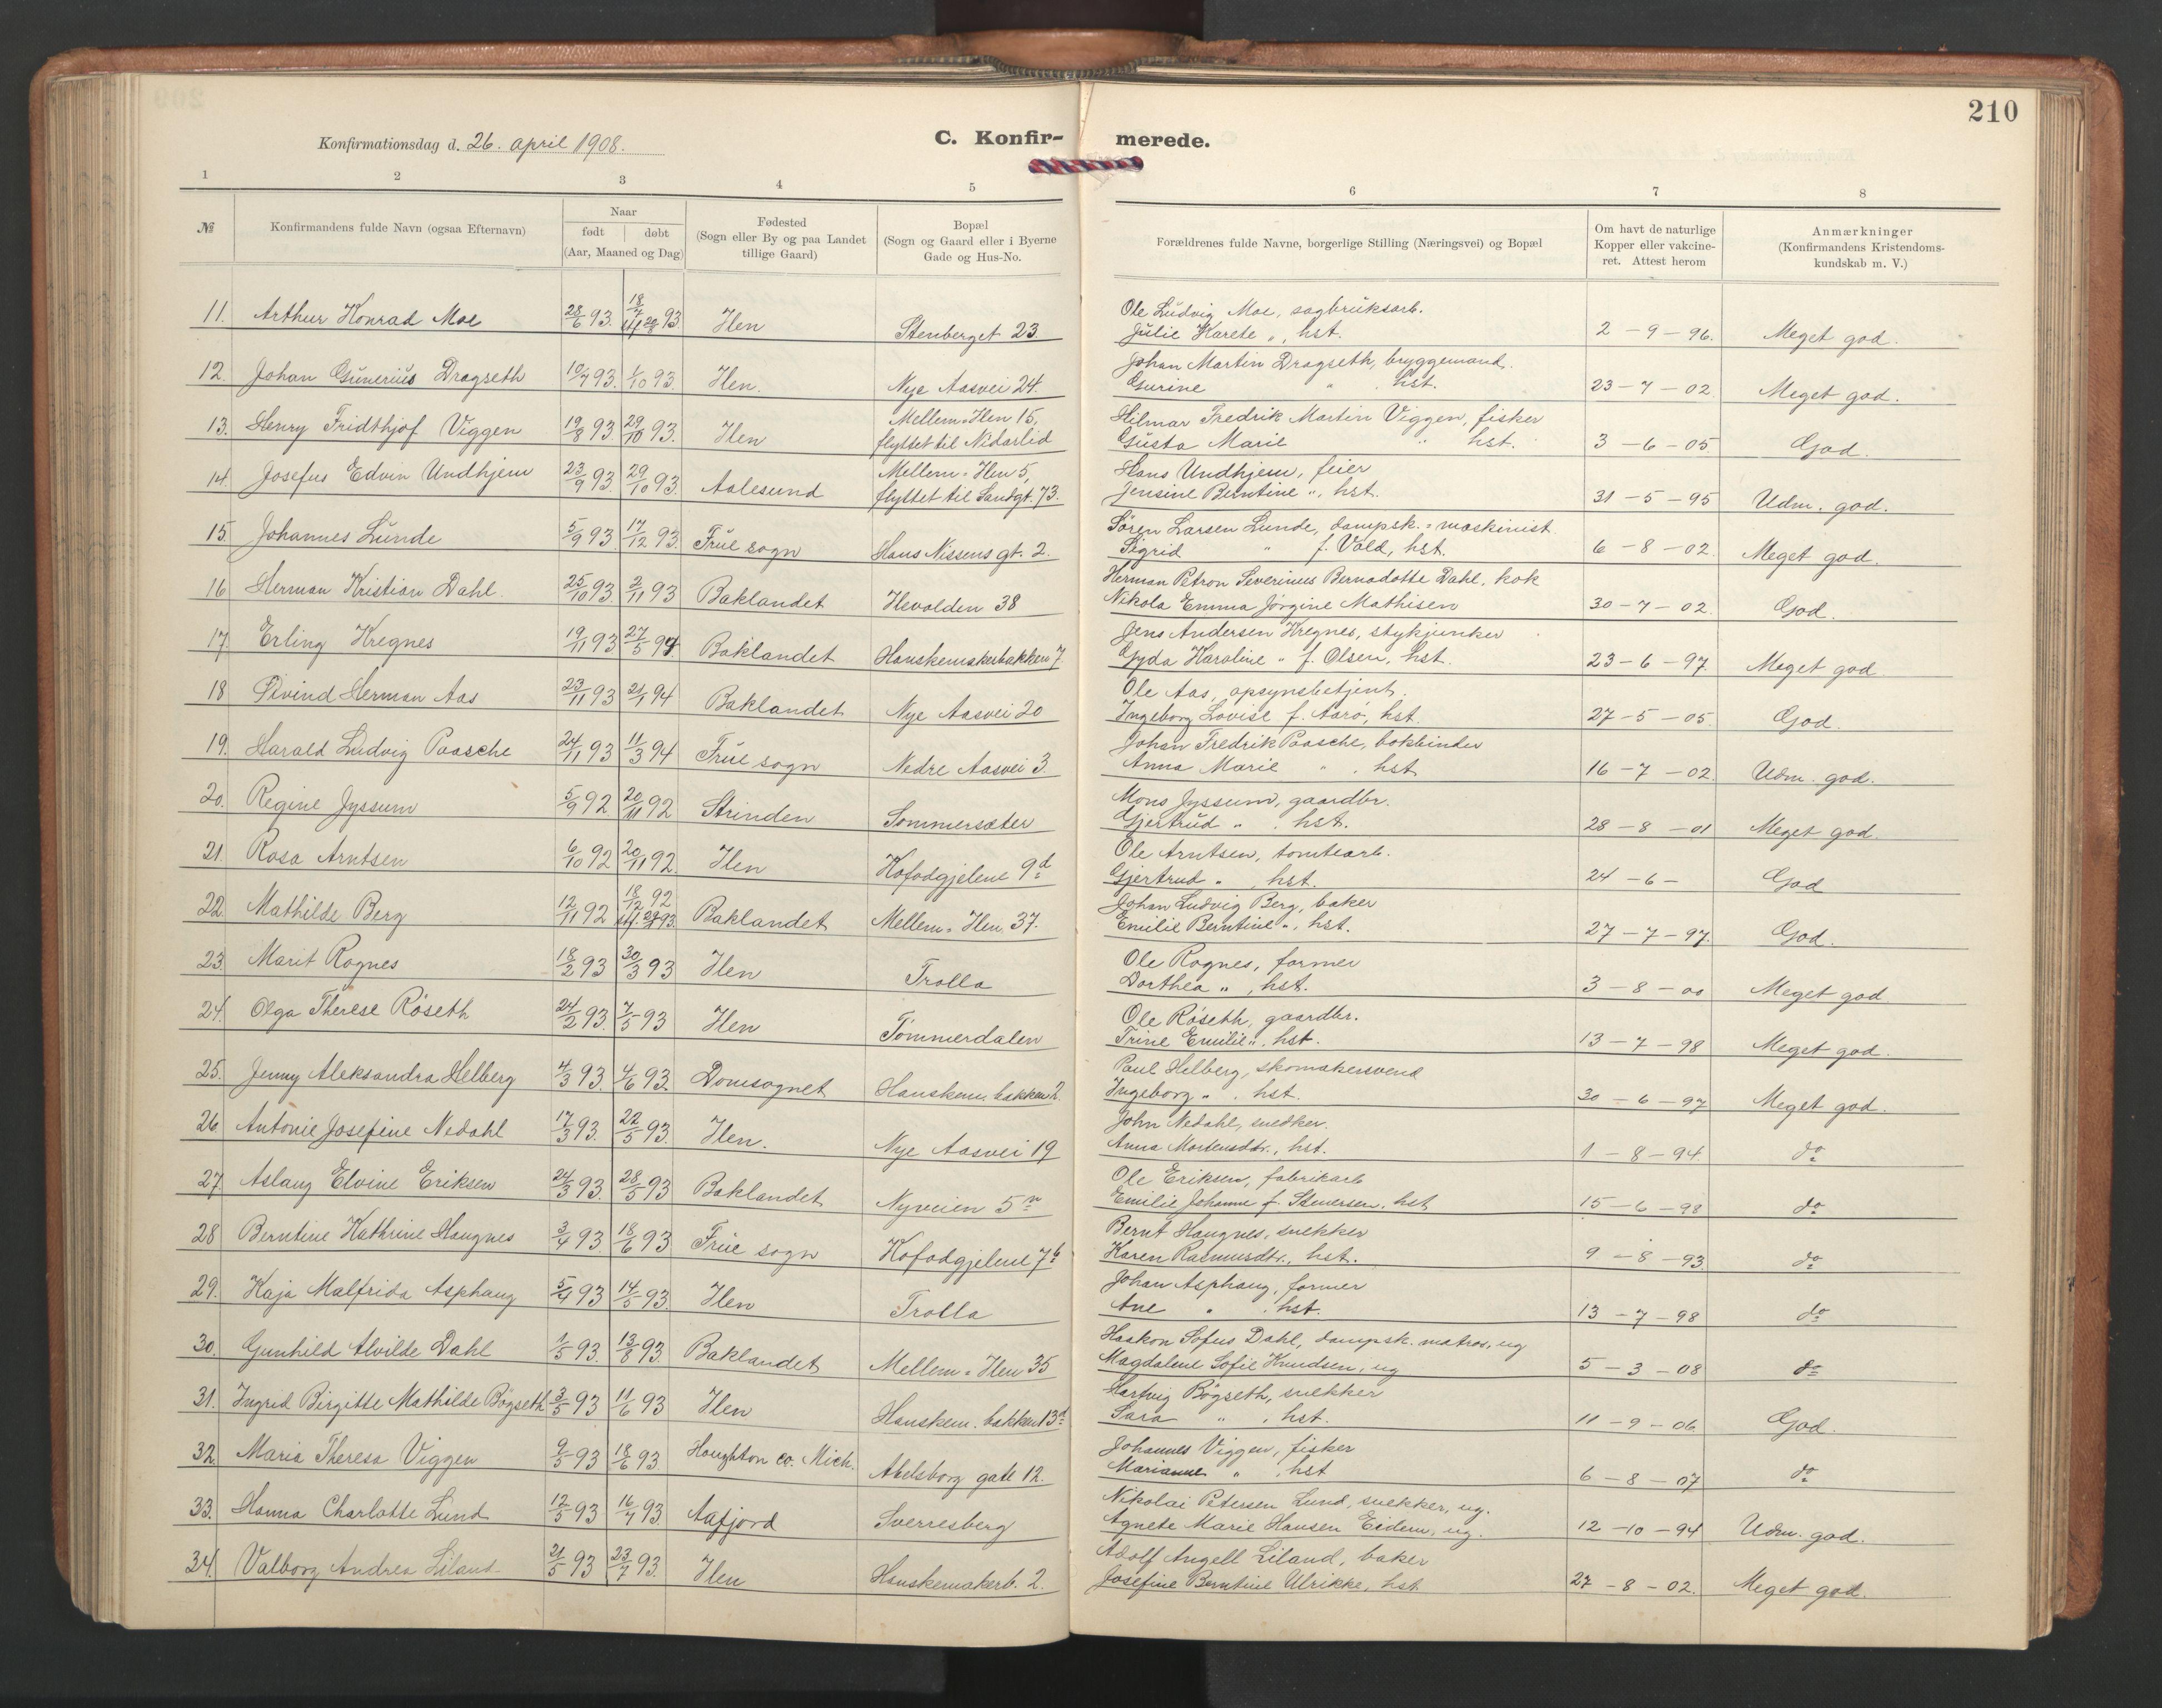 SAT, Ministerialprotokoller, klokkerbøker og fødselsregistre - Sør-Trøndelag, 603/L0173: Klokkerbok nr. 603C01, 1907-1962, s. 210